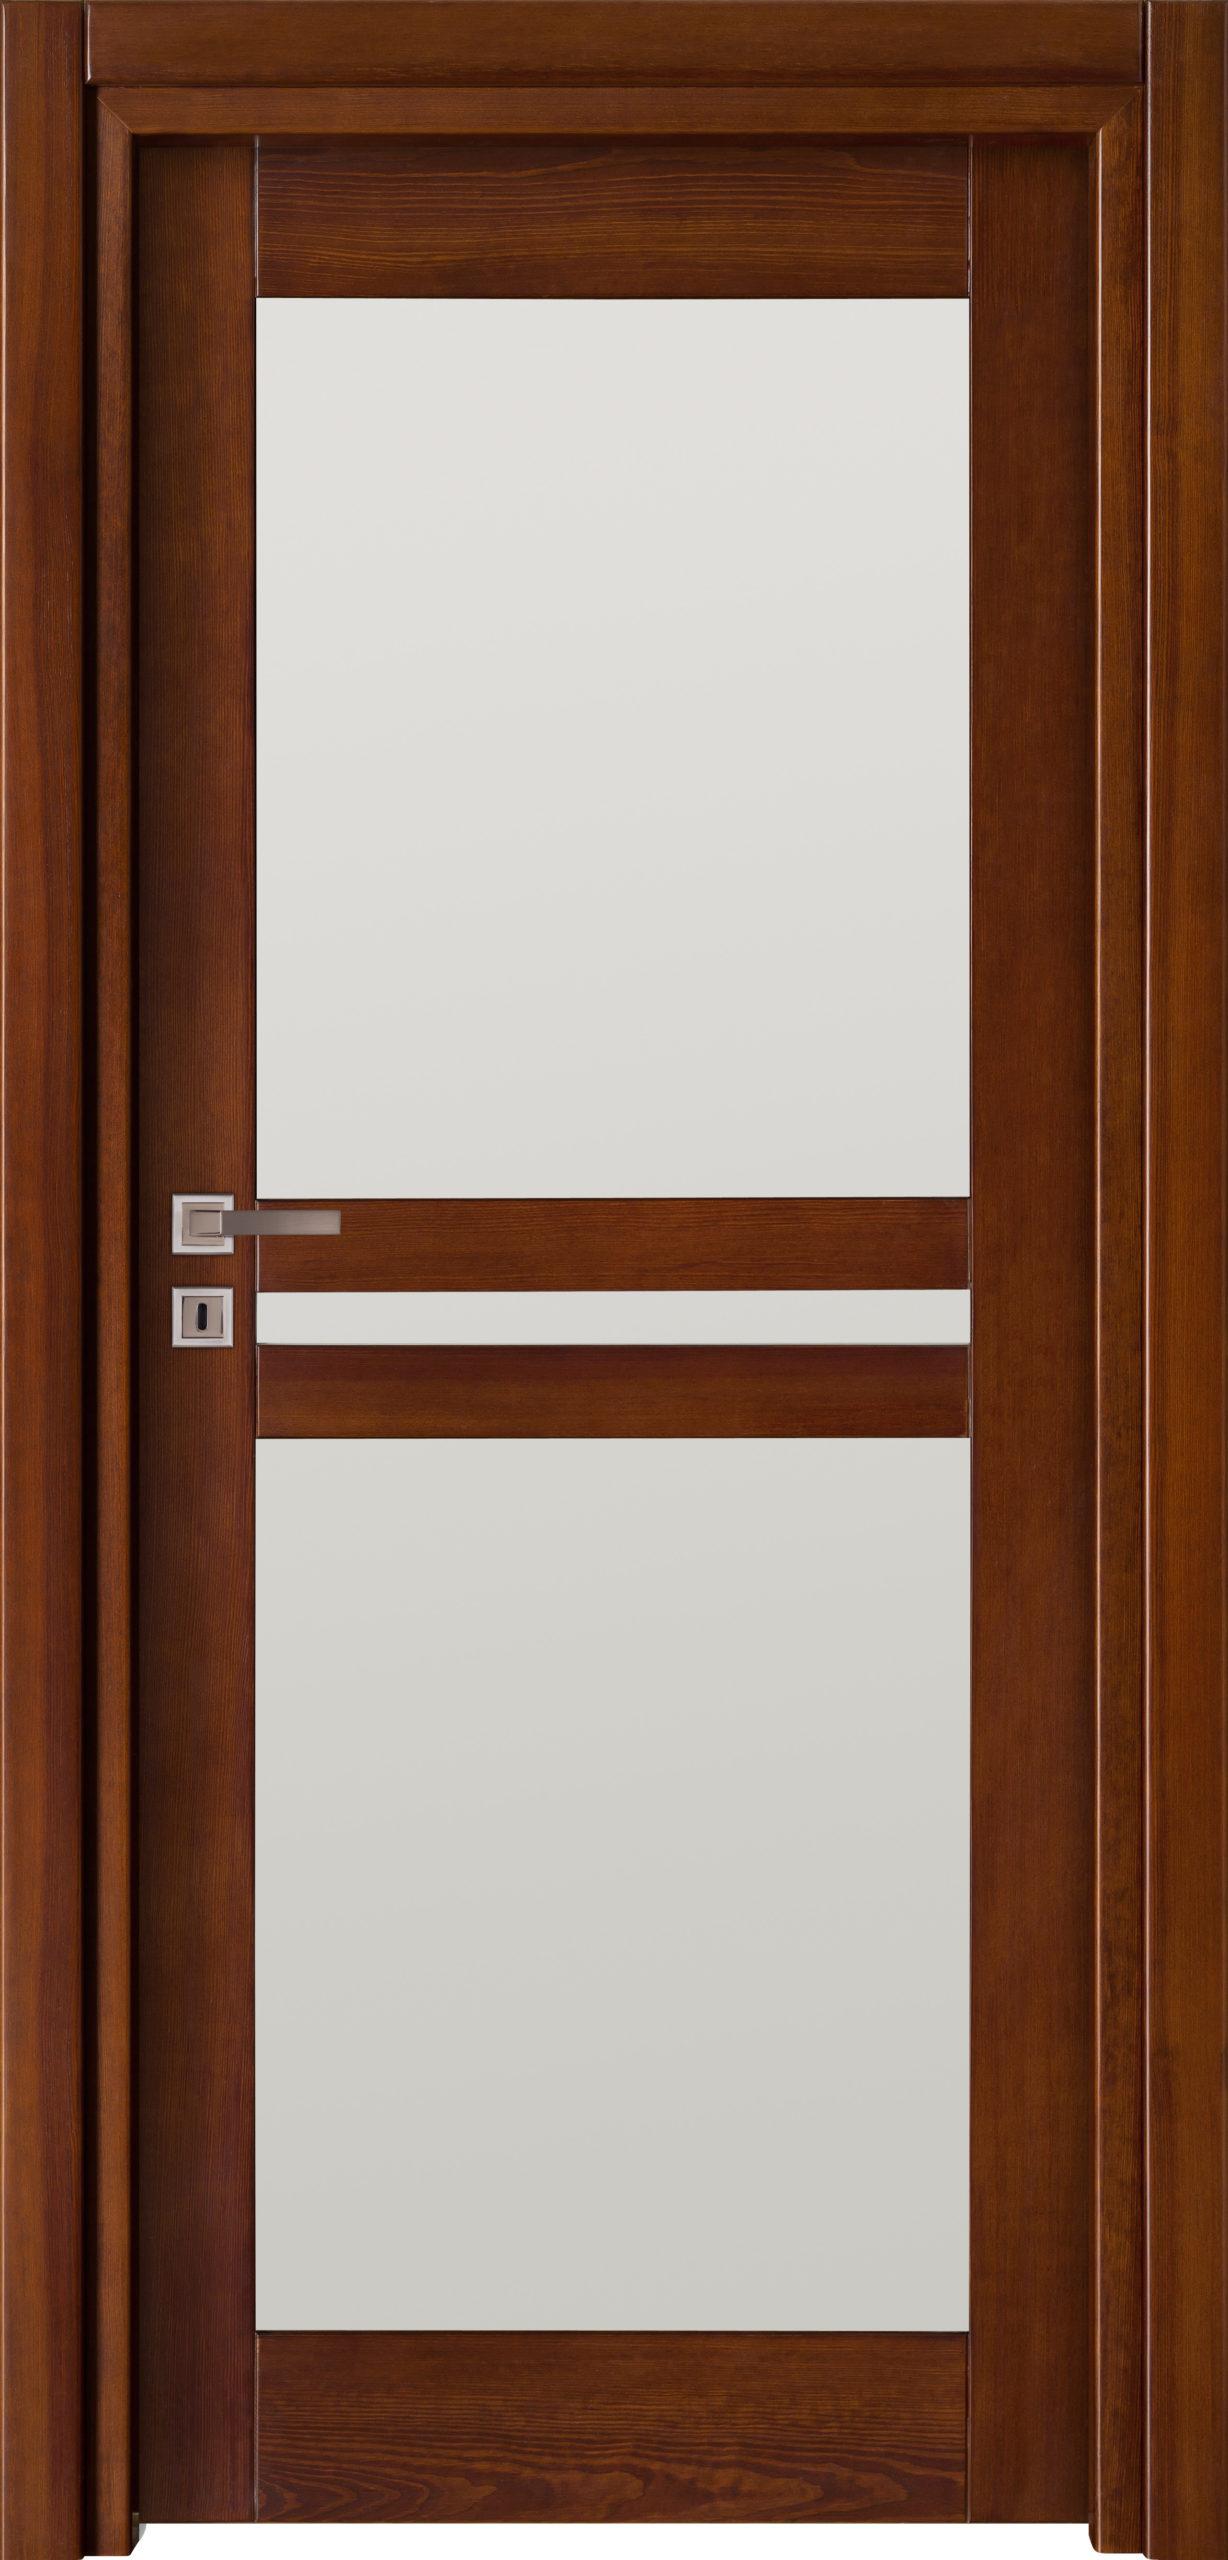 Tanger A4 - jesion - ciemny calvados - szklenie lacomat bezpieczny - ościeżnica przylgowa regulowana drewniana prosta (IIa)